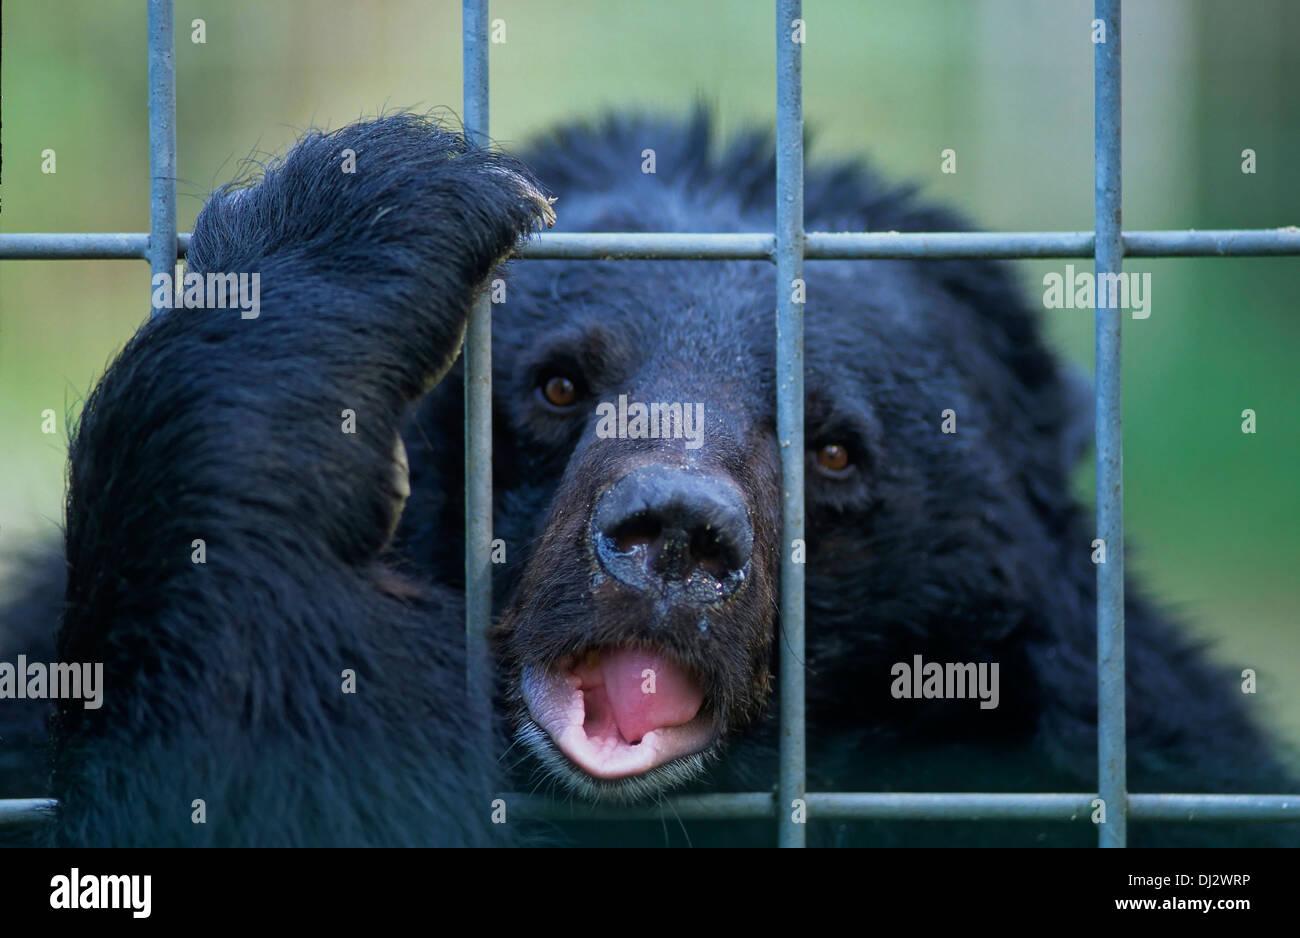 Asiatischer Schwarzbär (Ursus Thibetanus), Mond tragen, weiß-chested Bär Zoo: Kragenbär Hinter Gitter, Kragenbär, Asiatischer Schwarz Stockbild